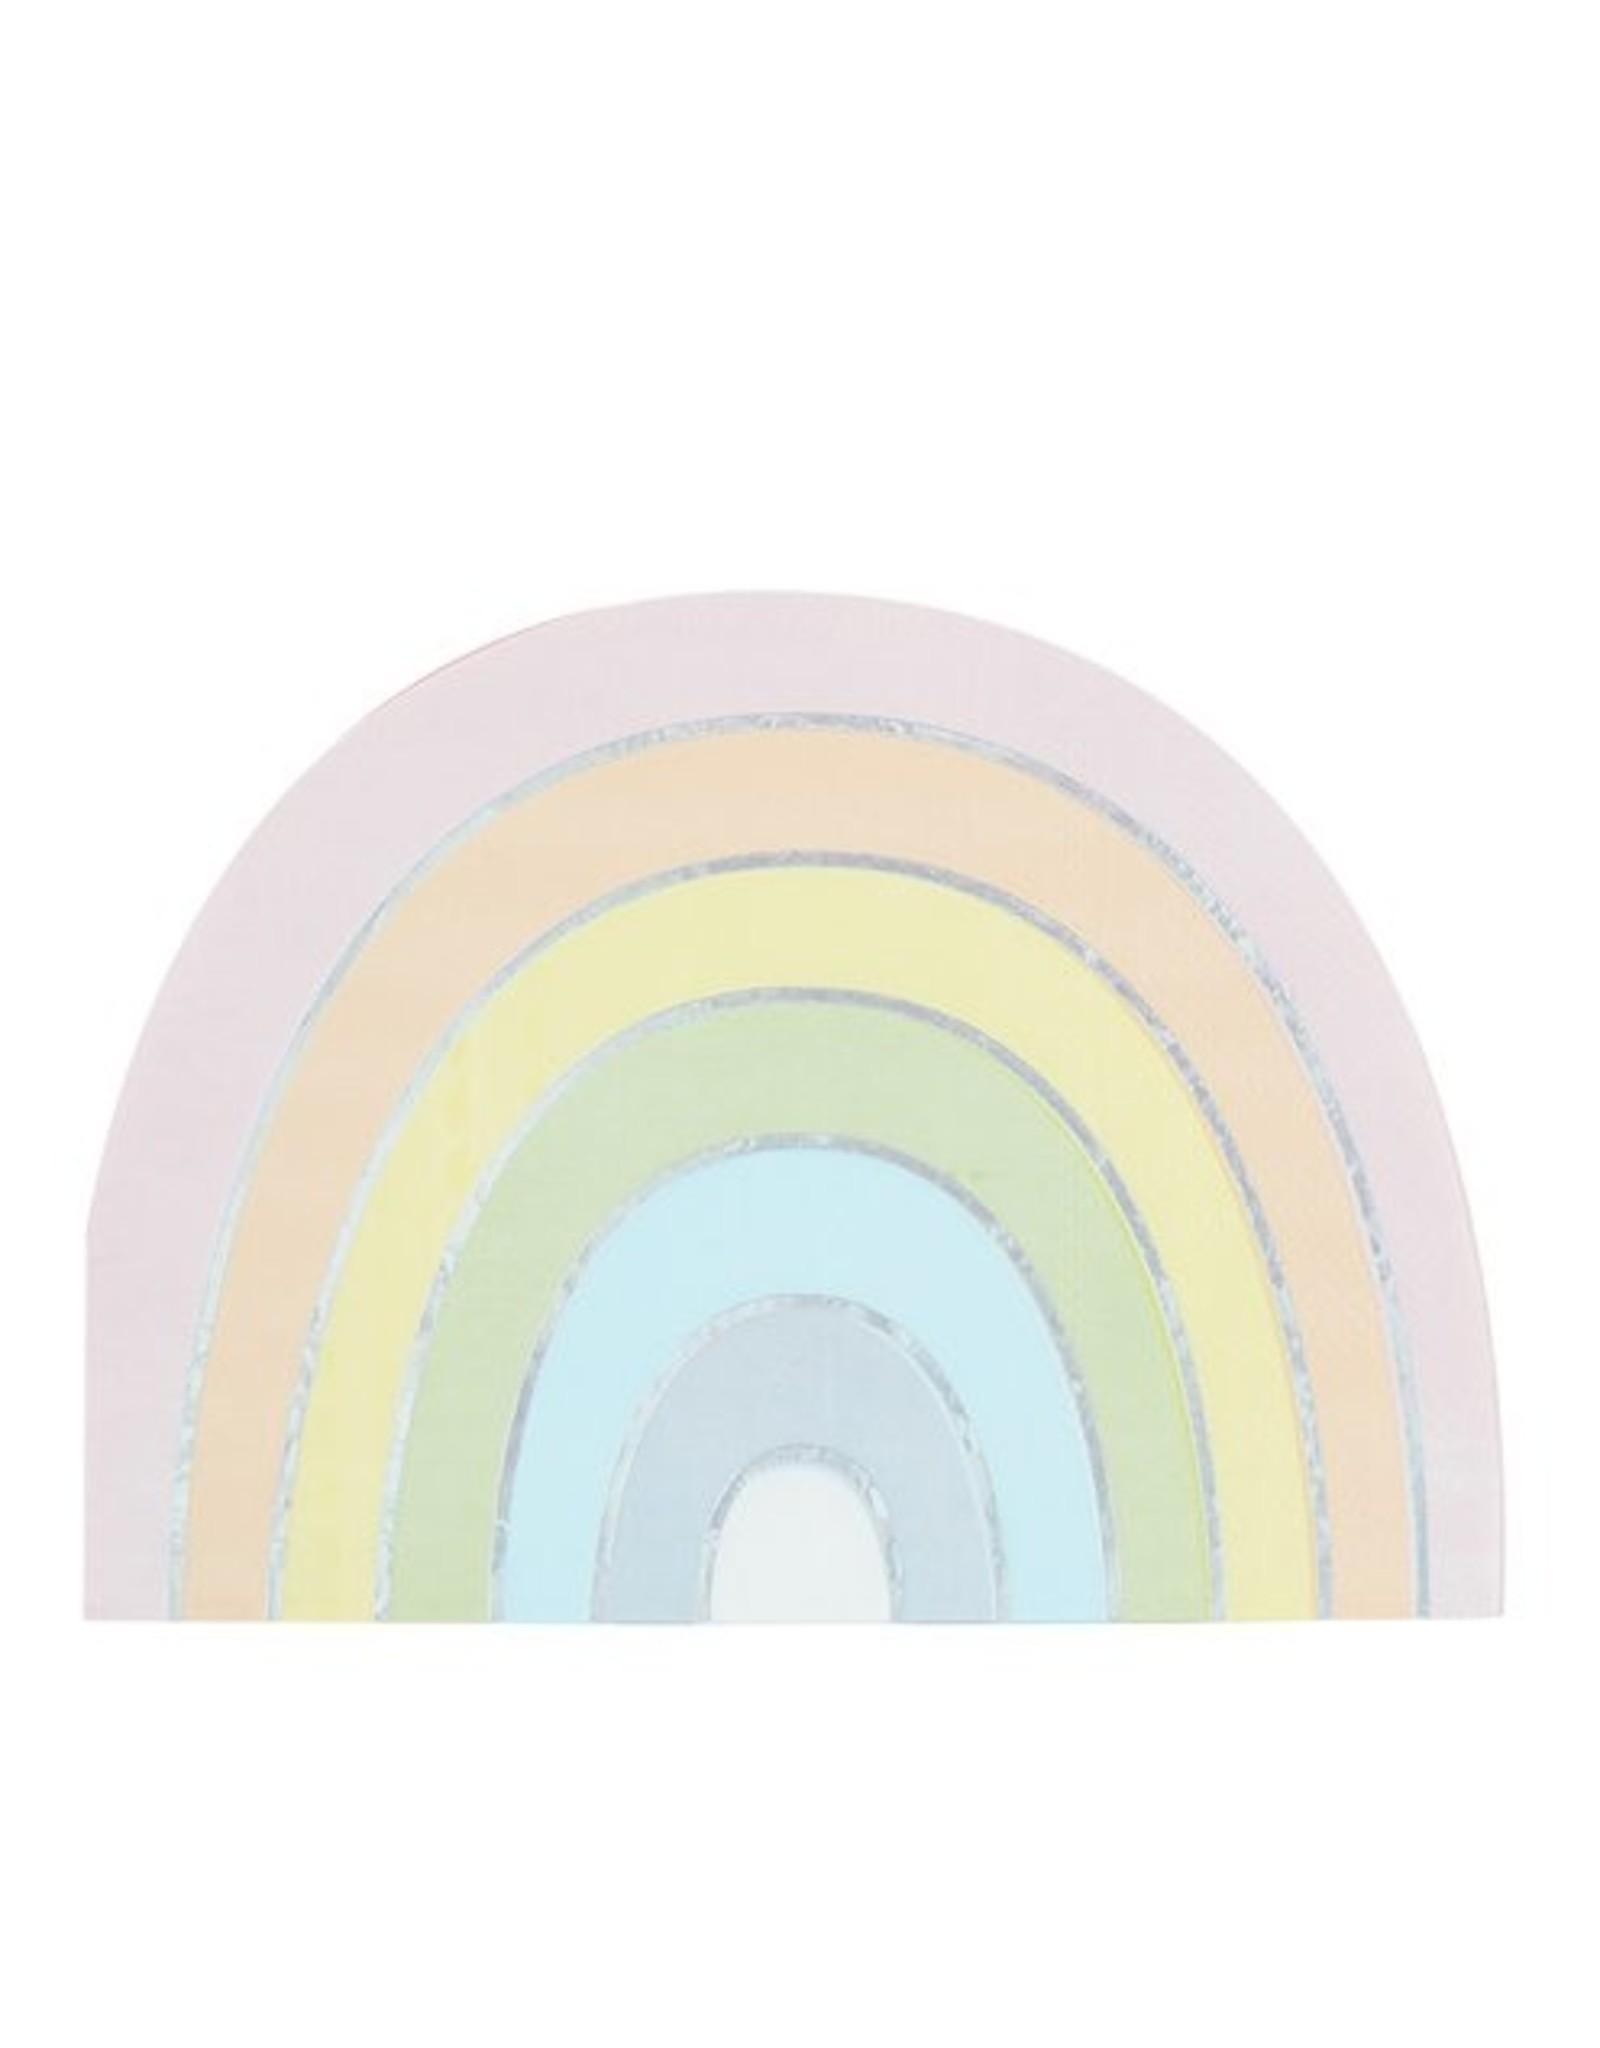 16 regenboog servetten